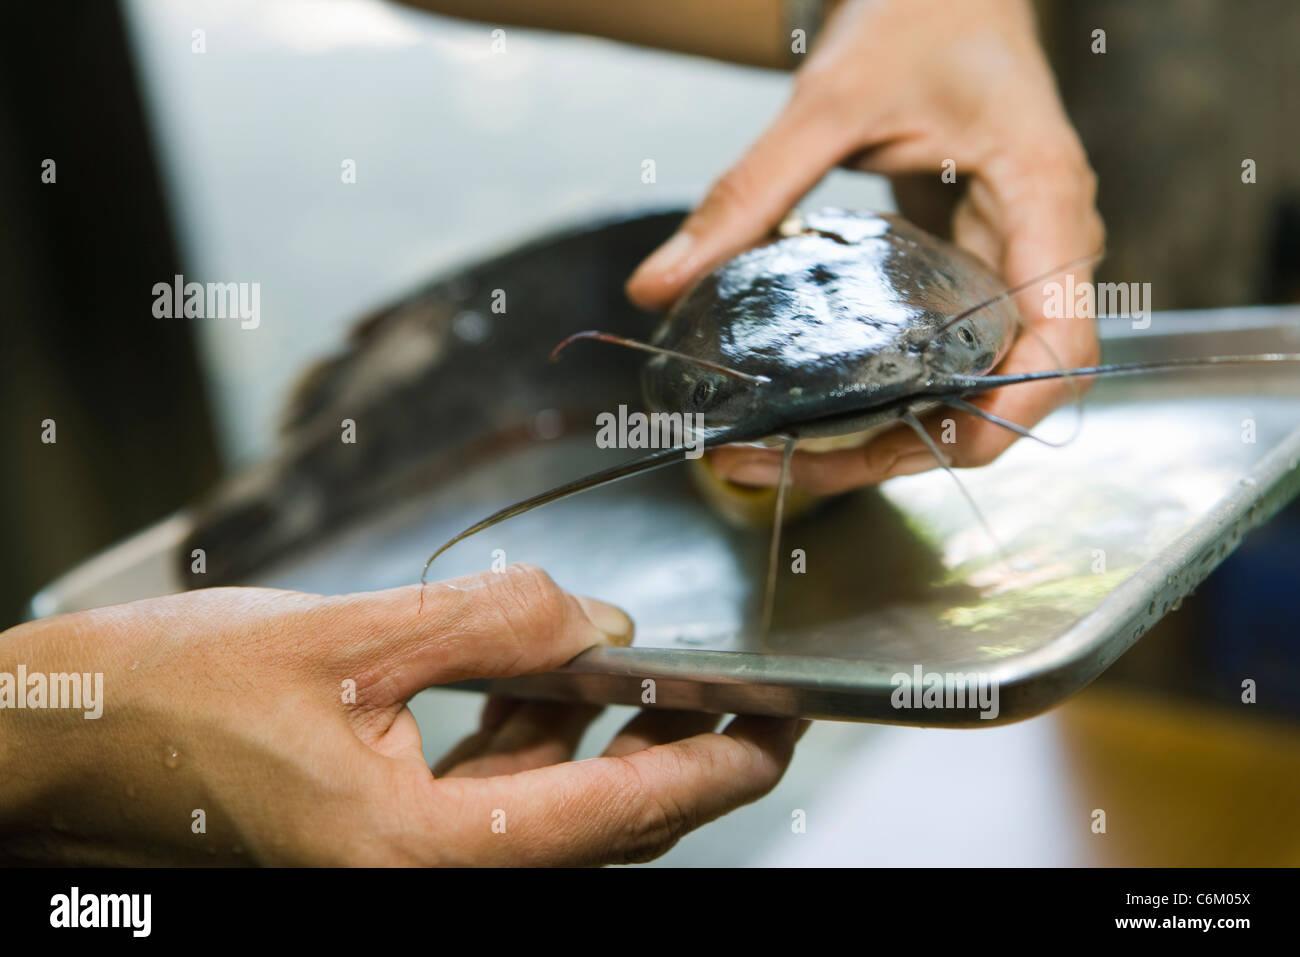 Preparing fresh raw catfish - Stock Image